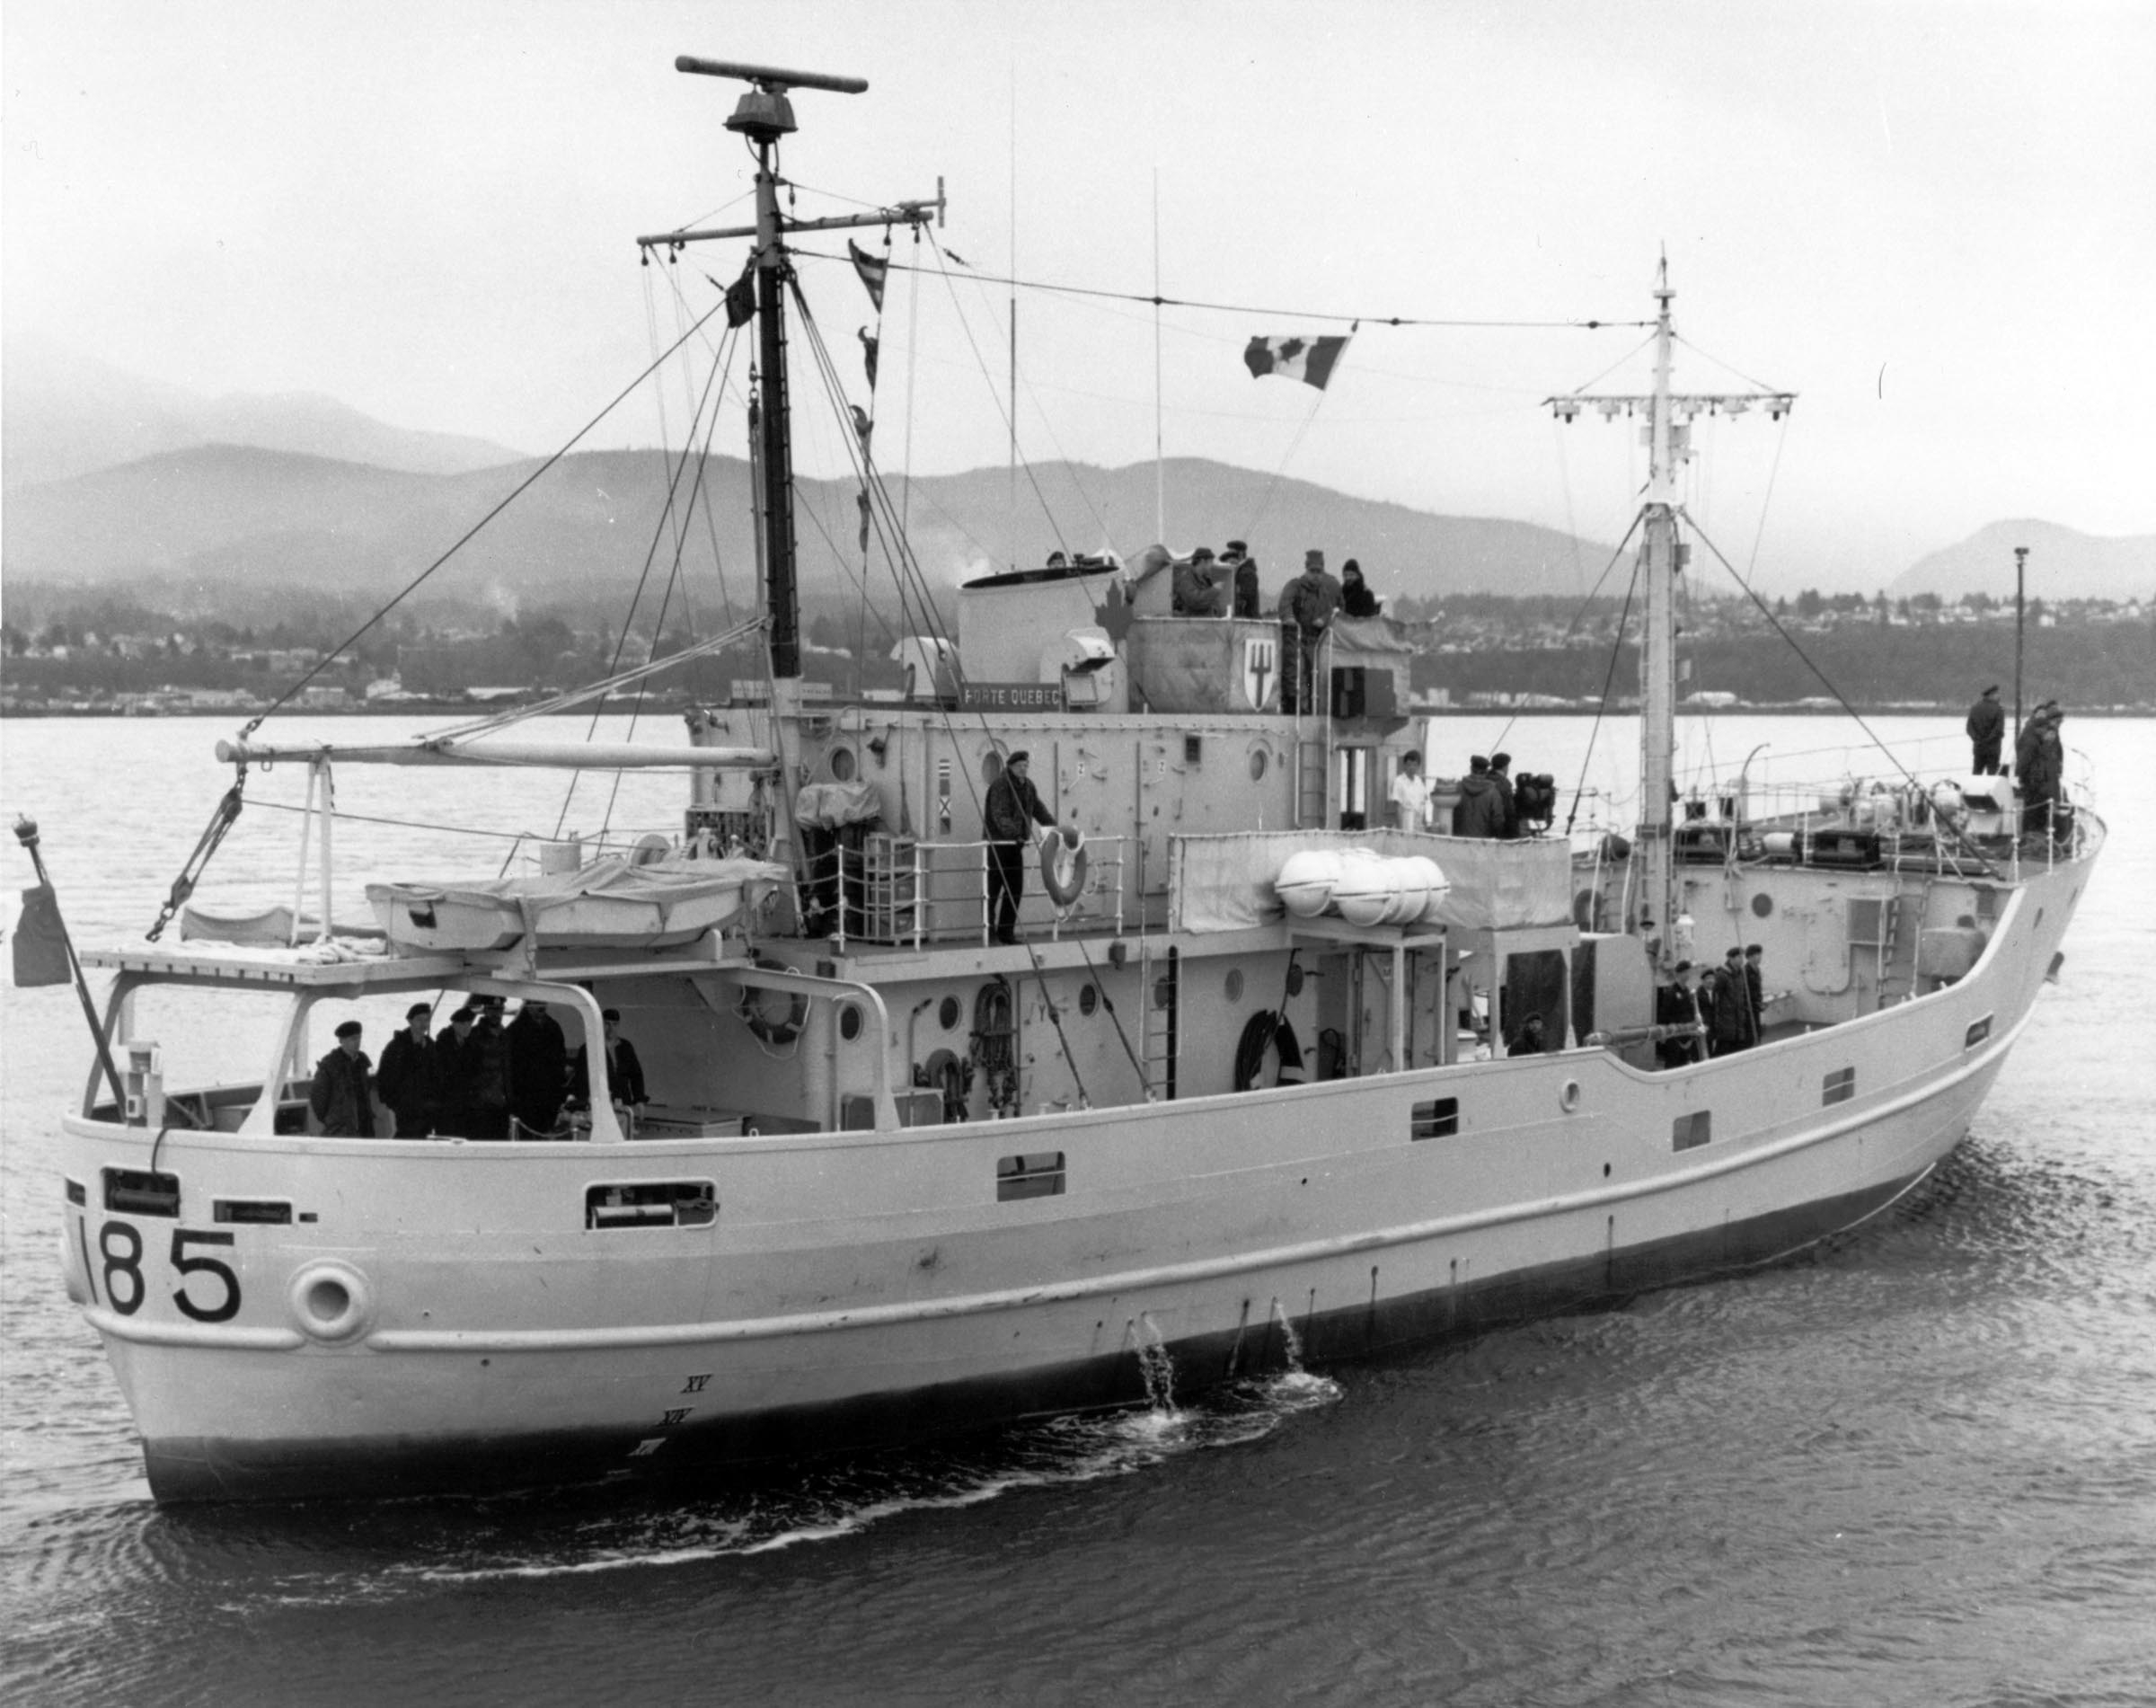 HMCS PORTE QUEBEC